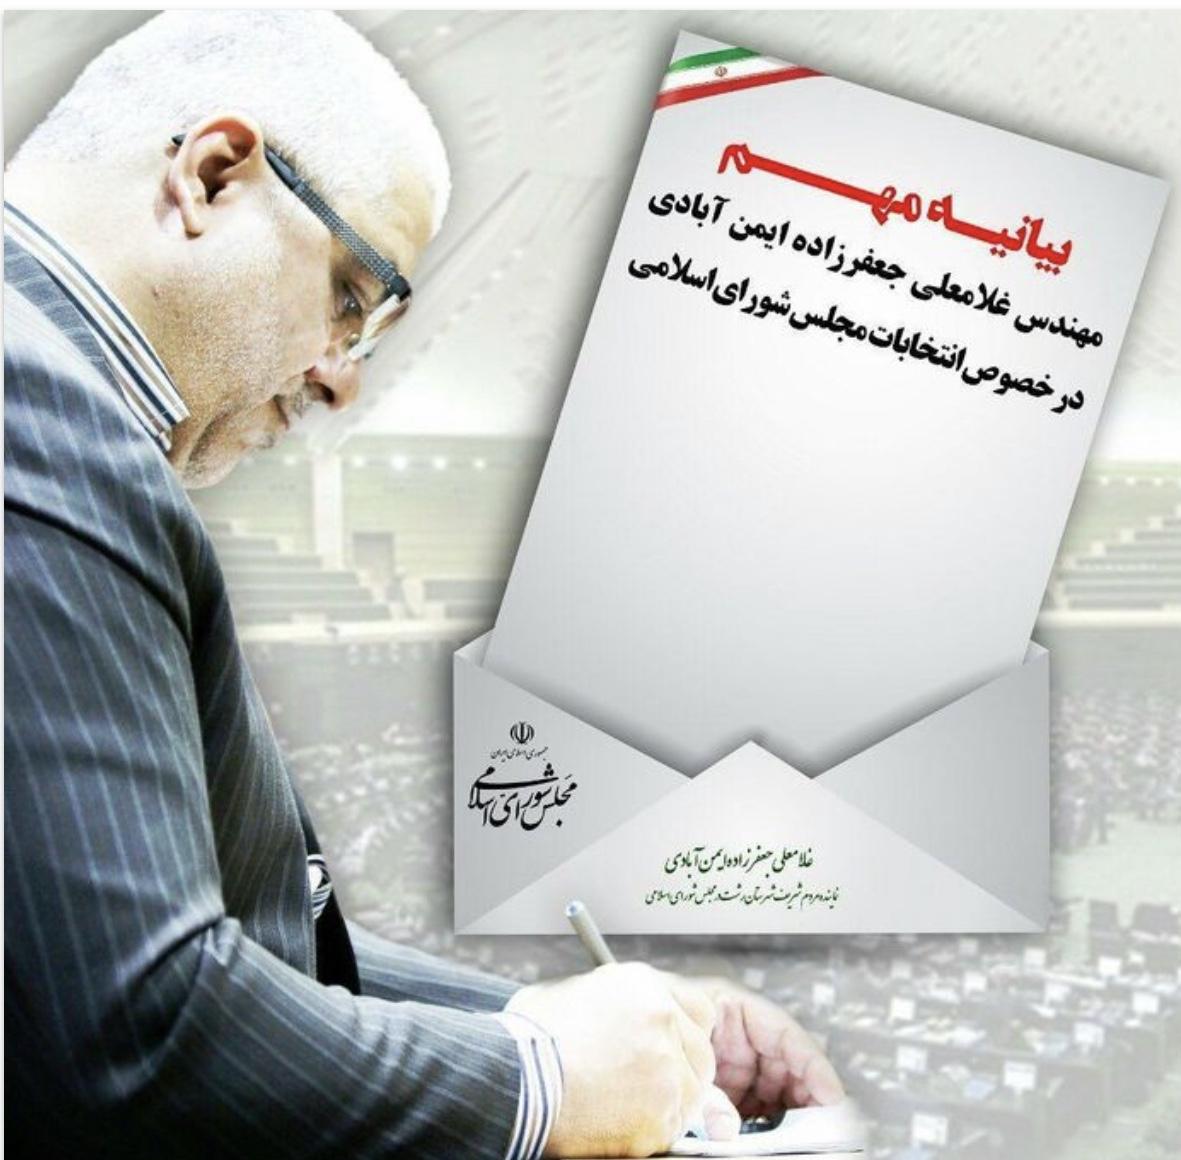 بیانیه انتخاباتی جعفرزاده ایمنآبادی نماینده مردم رشت درباره رد صلاحیتش!